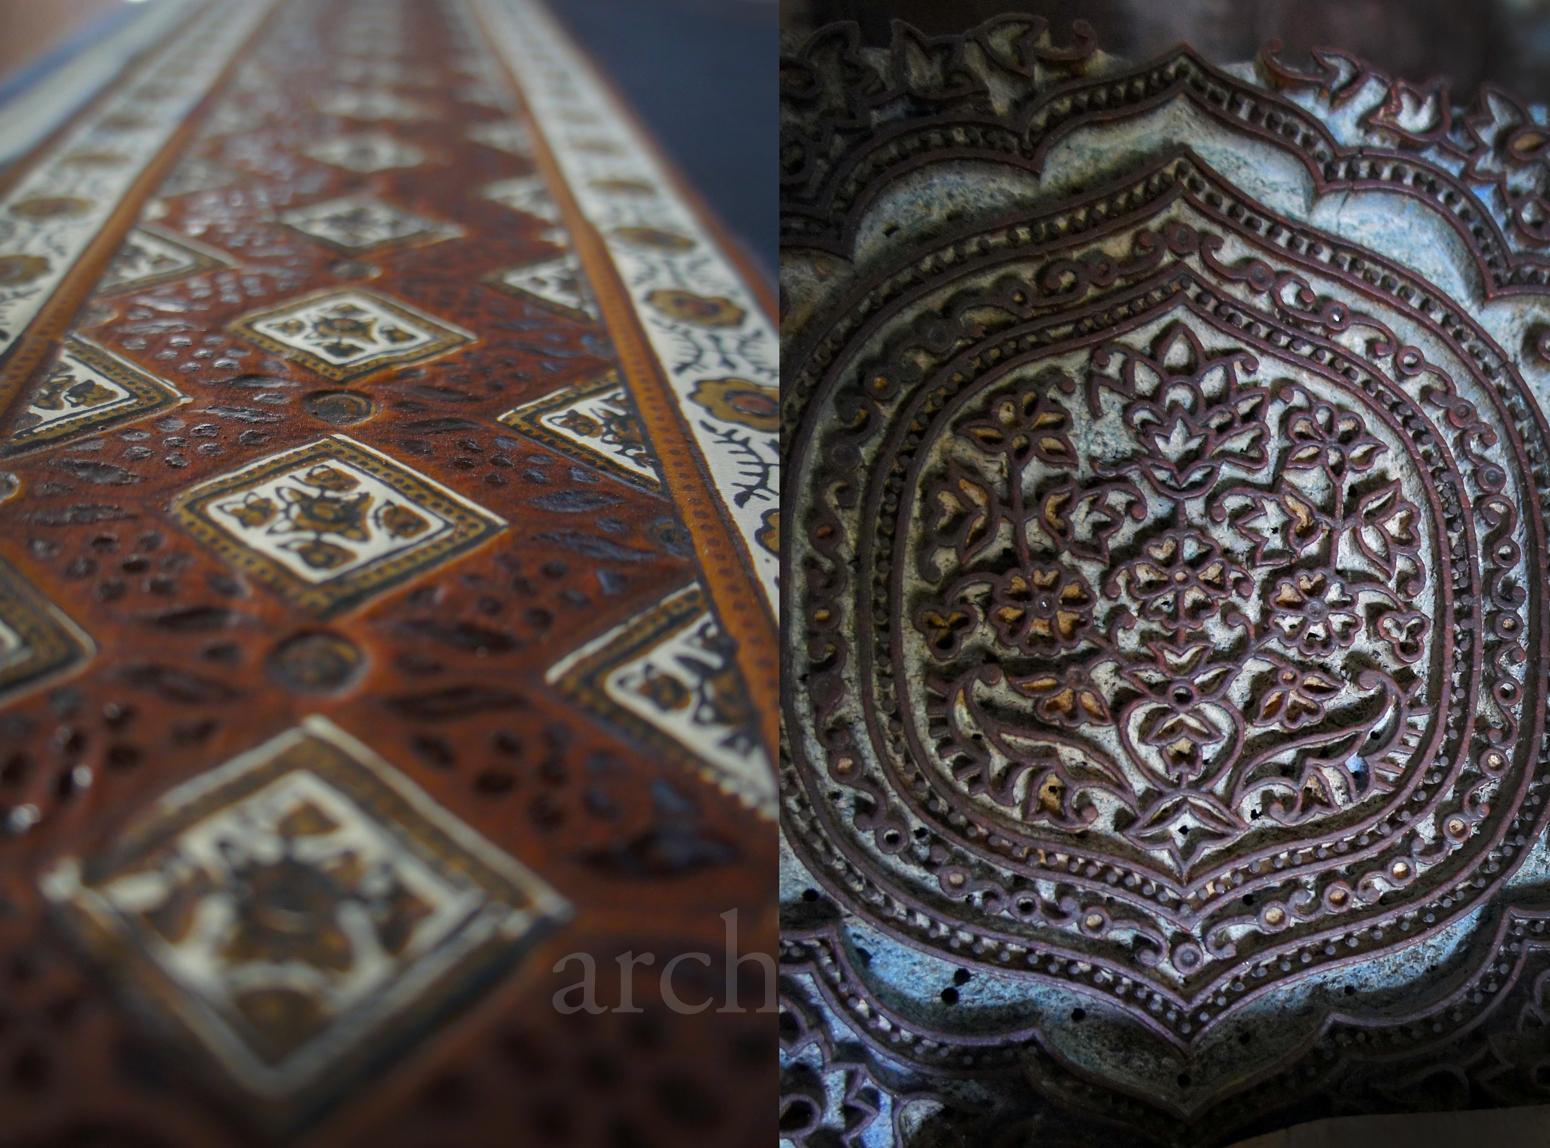 Rang-Decor {Interior Ideas predominantly Indian}: Art